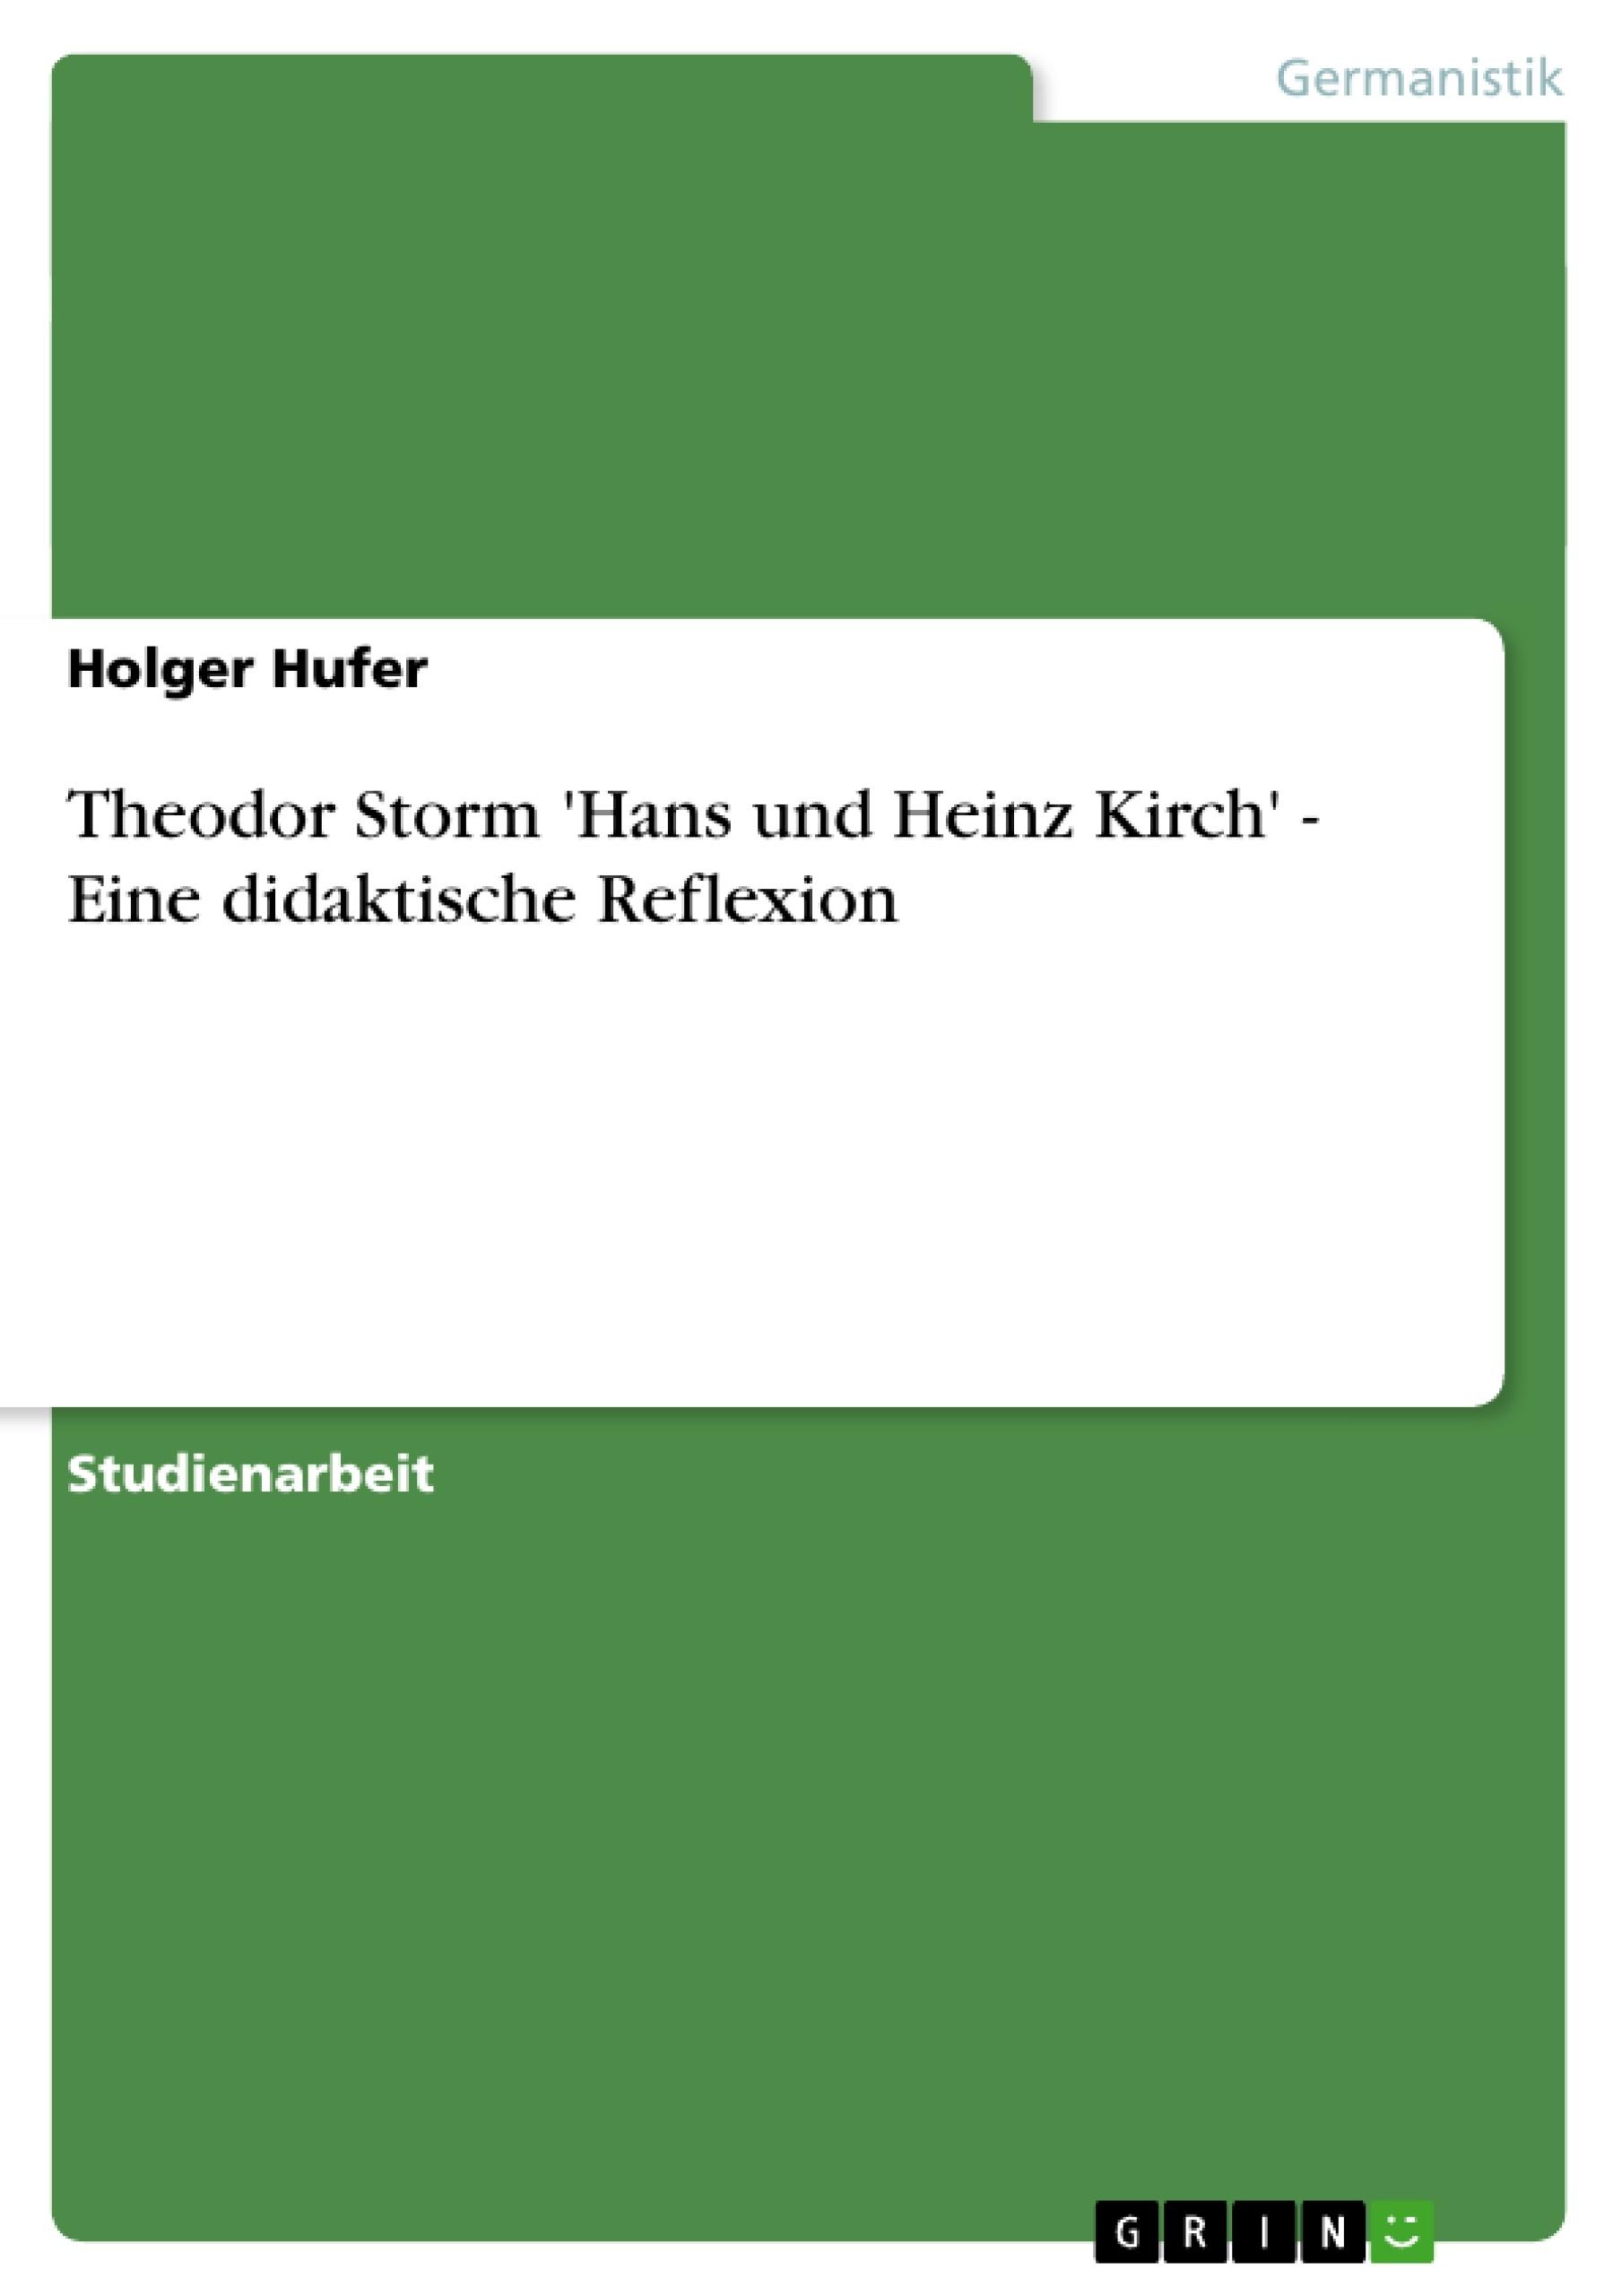 Titel: Theodor Storm 'Hans und Heinz Kirch' - Eine didaktische Reflexion